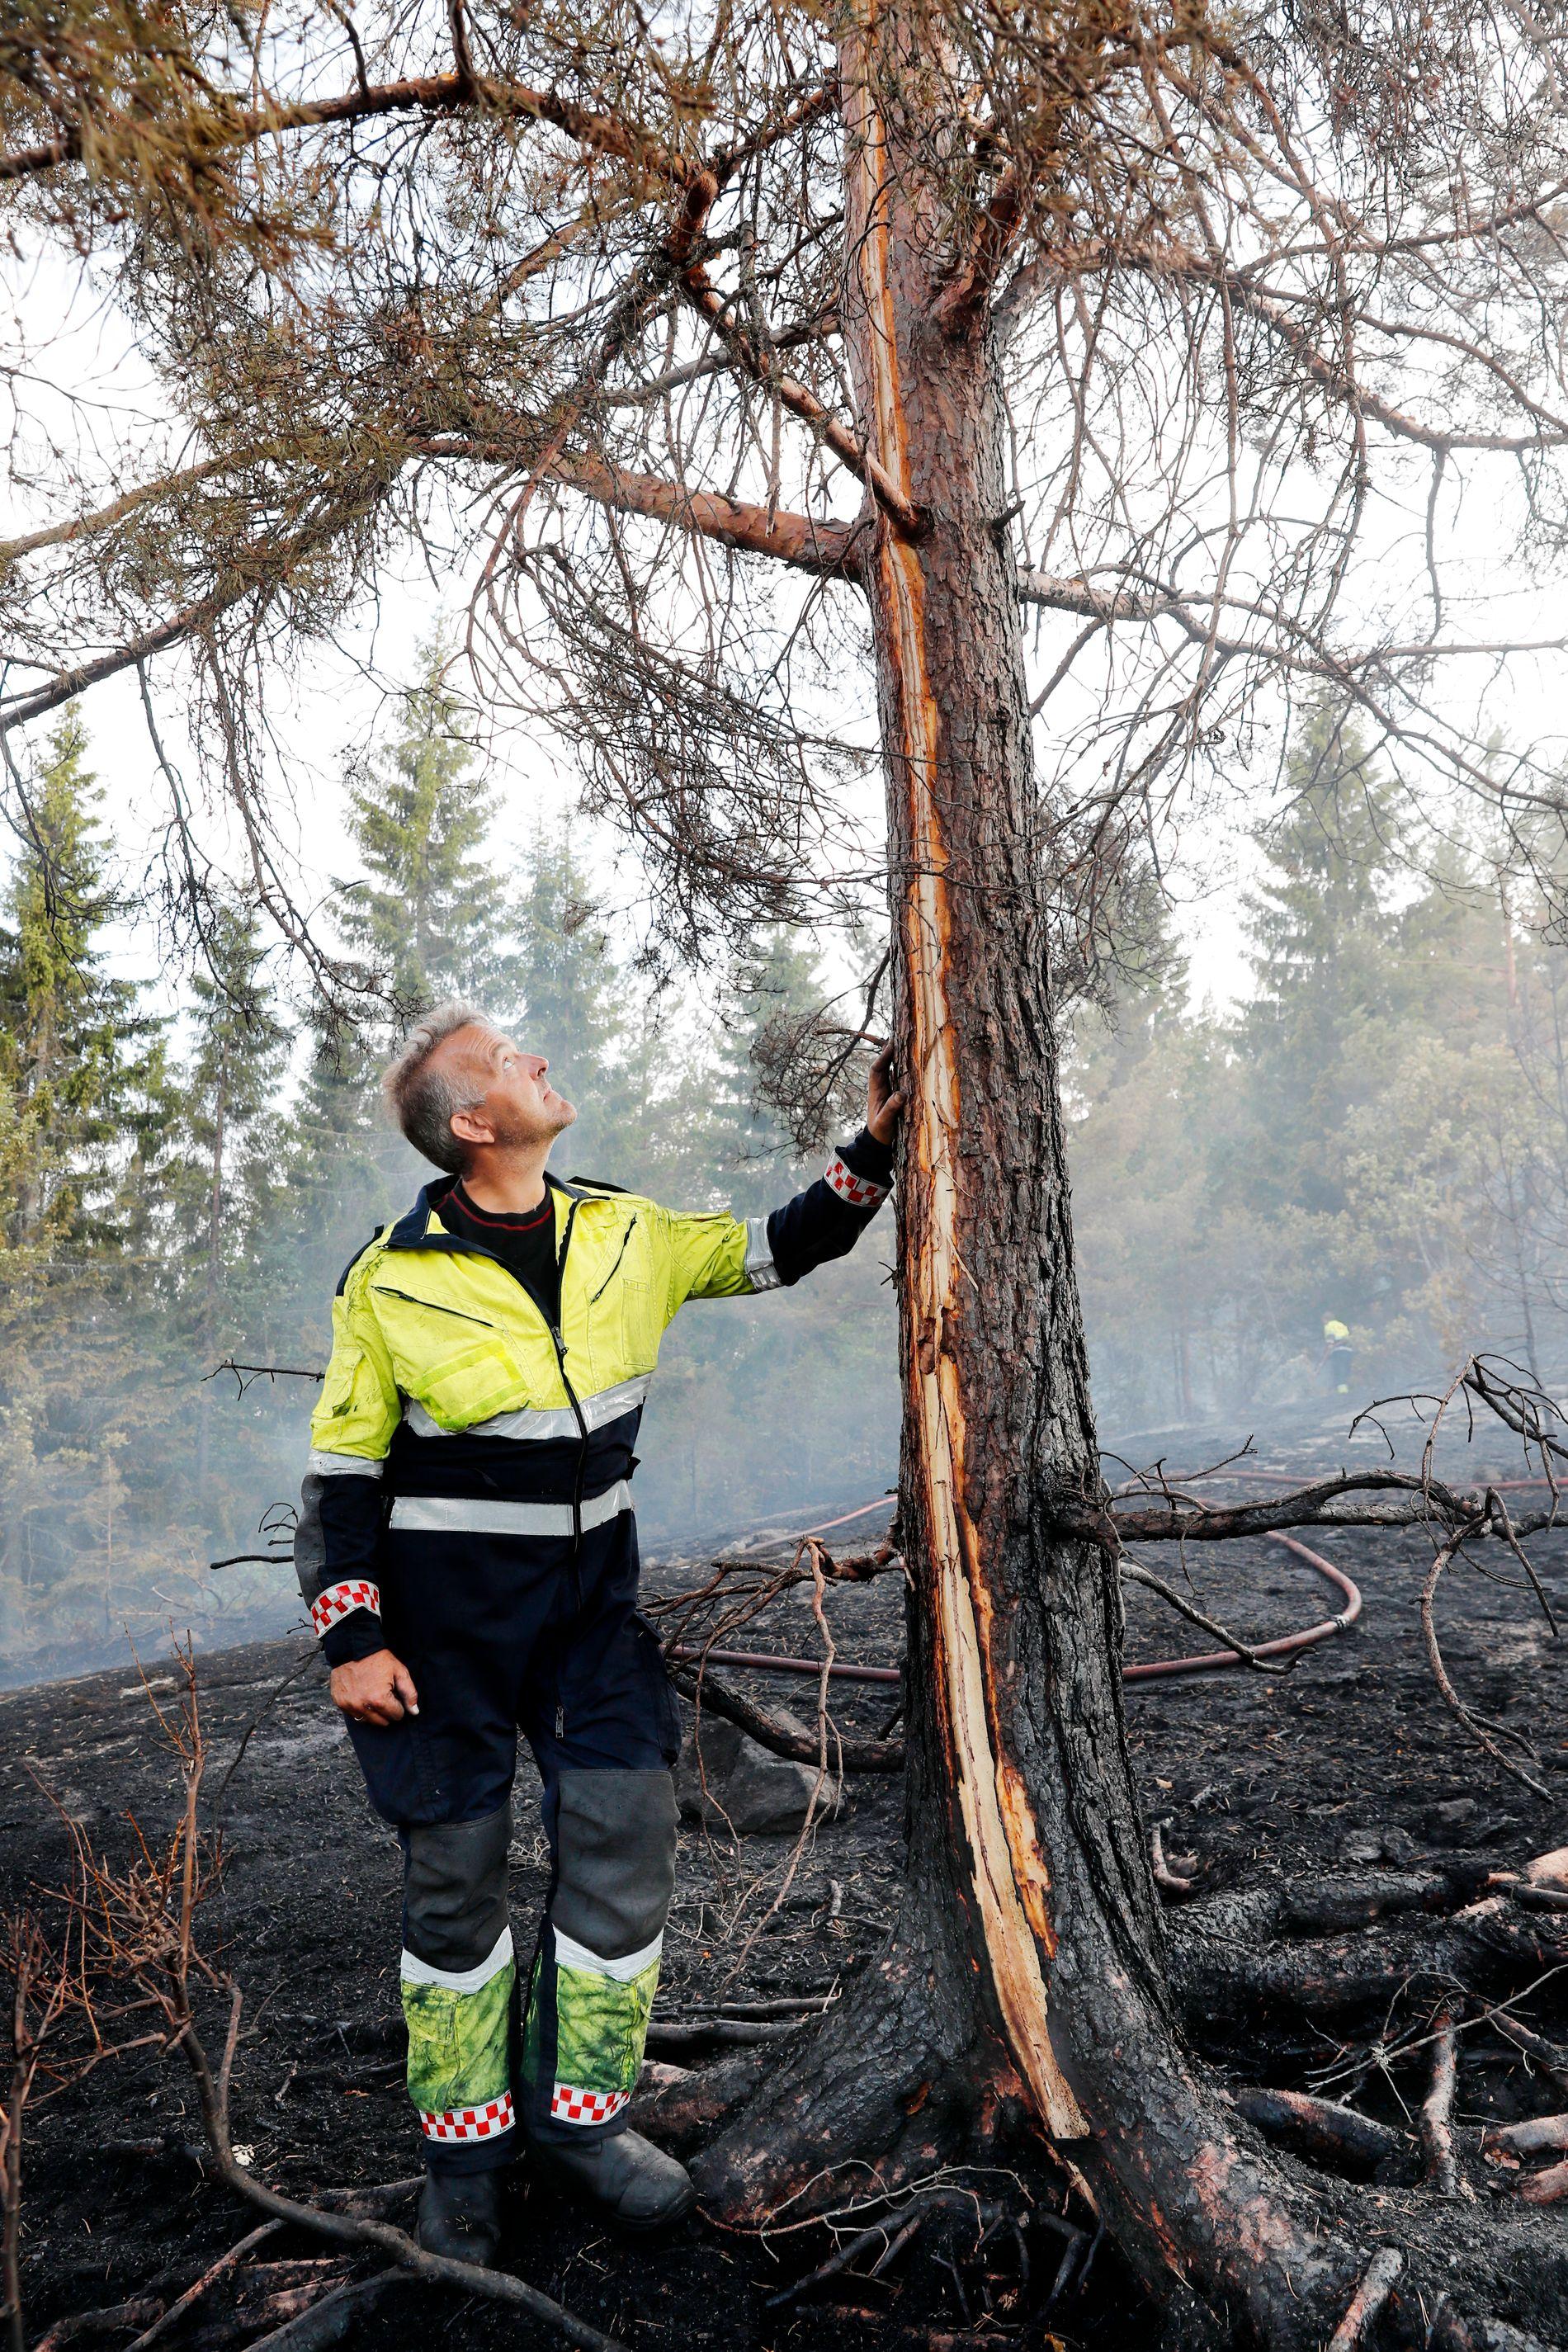 AUST-AGDER: Et tre står på toppen av brannområdet ved Vegårshei. sporet i treet vitner om at brannen ble startet av et lynnedslag, som gikk gjennom treet og boret seg ned i den tørre bakken. Trond Saga har lørdag kveld kjempet for å få kontroll på brannen.